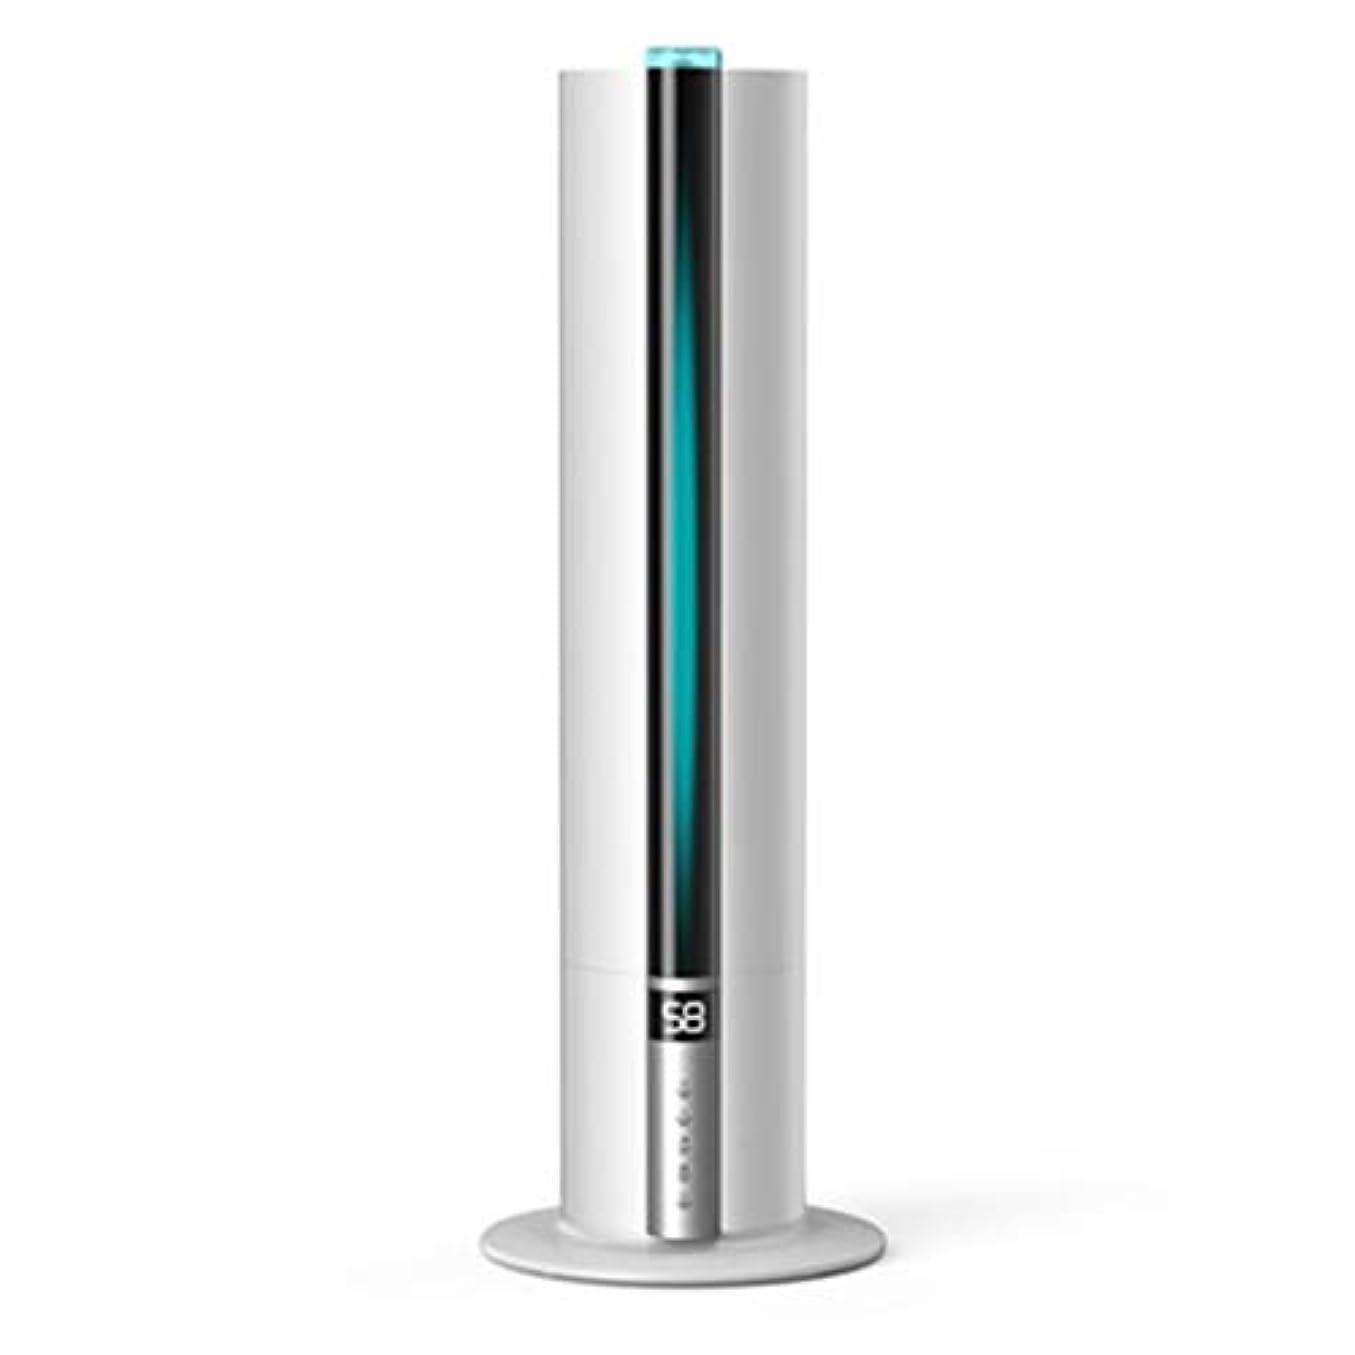 批判明確な期間超音波クールミスト加湿器7.5L超静音インテリジェント純恒湿、ウォーターレスオートオフ超静音(色:黒) (Color : White)